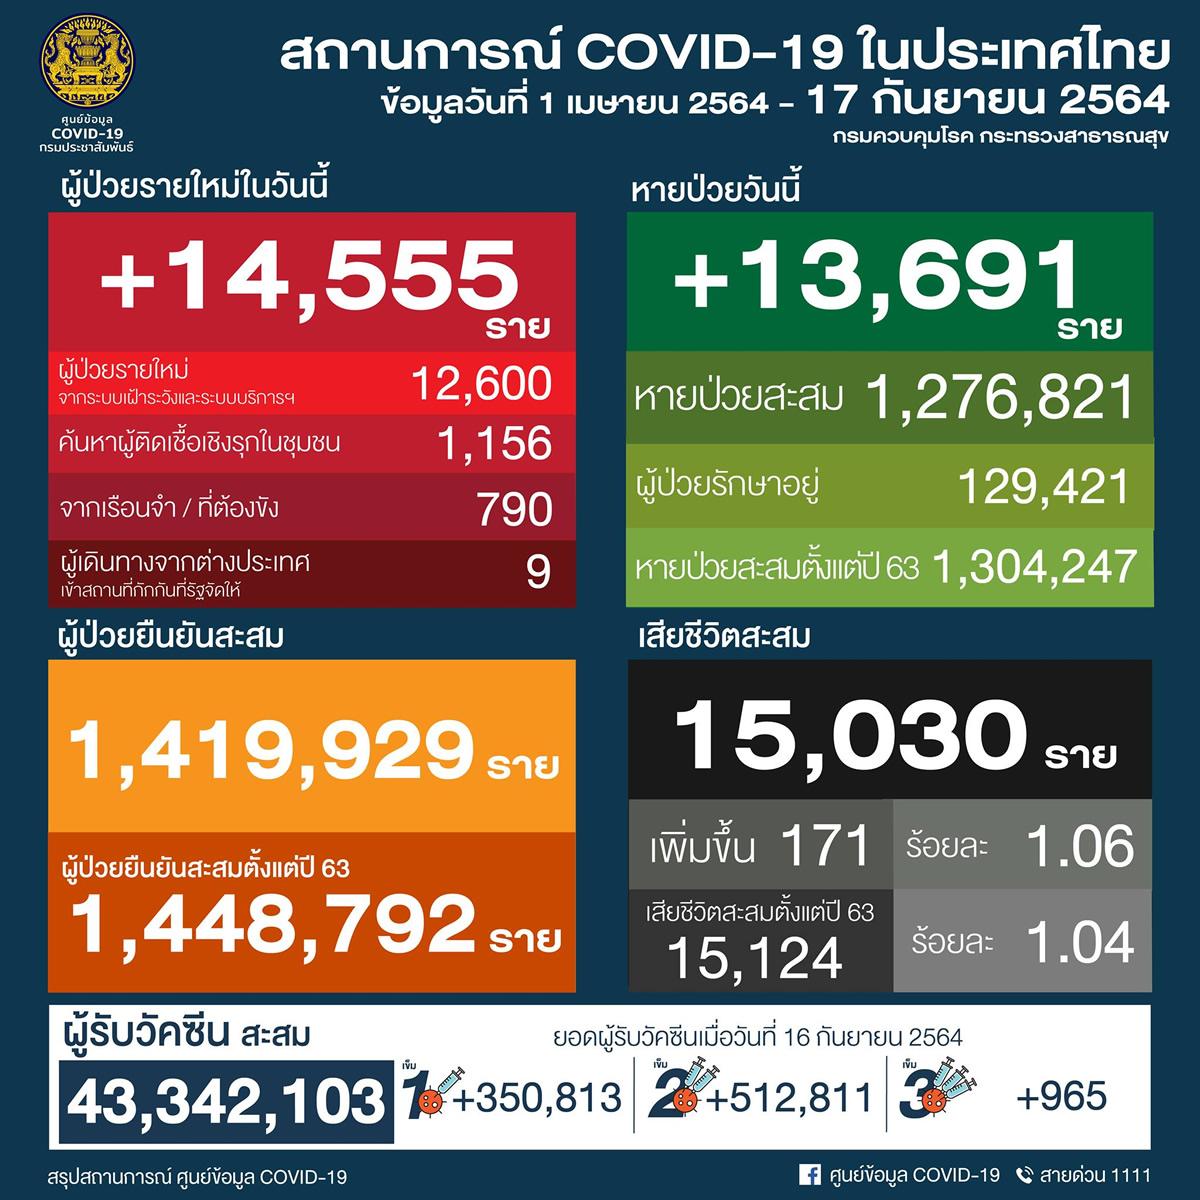 タイ 14,555人陽性 171人死亡/バンコク 2,911人陽性 41人死亡/プーケット 236人陽性[2021年9月17日発表]